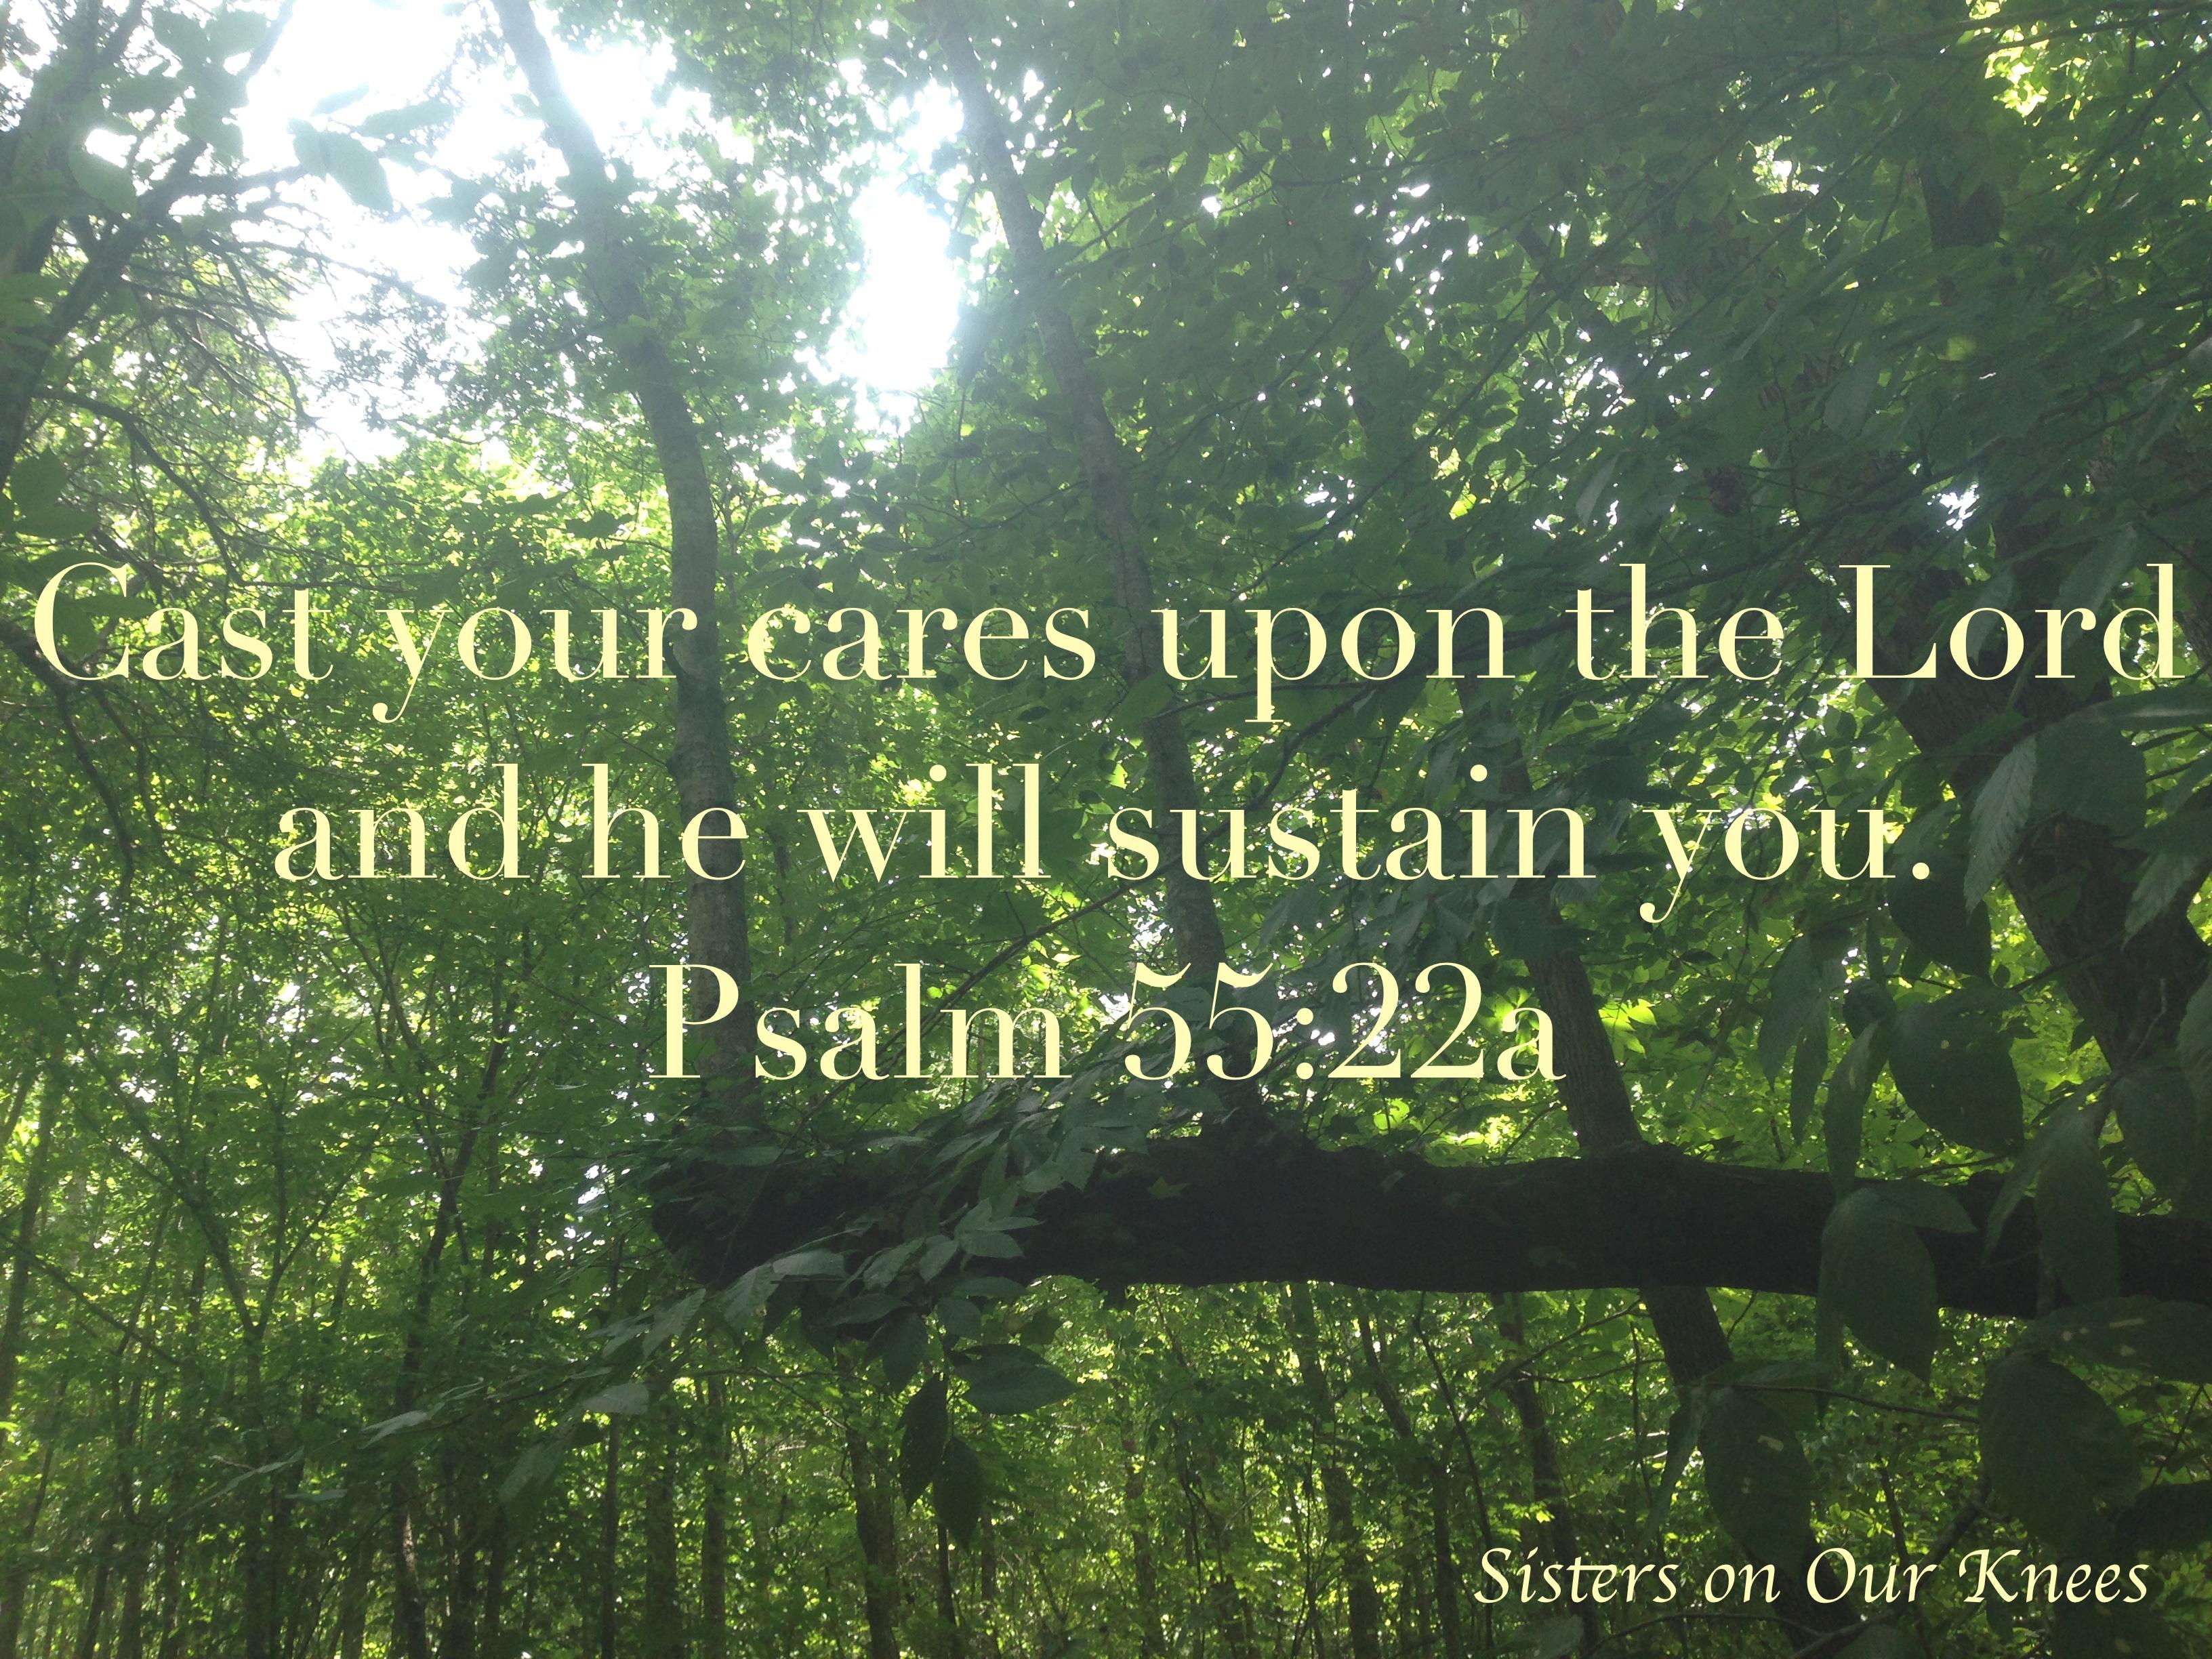 Psalm 55:22a